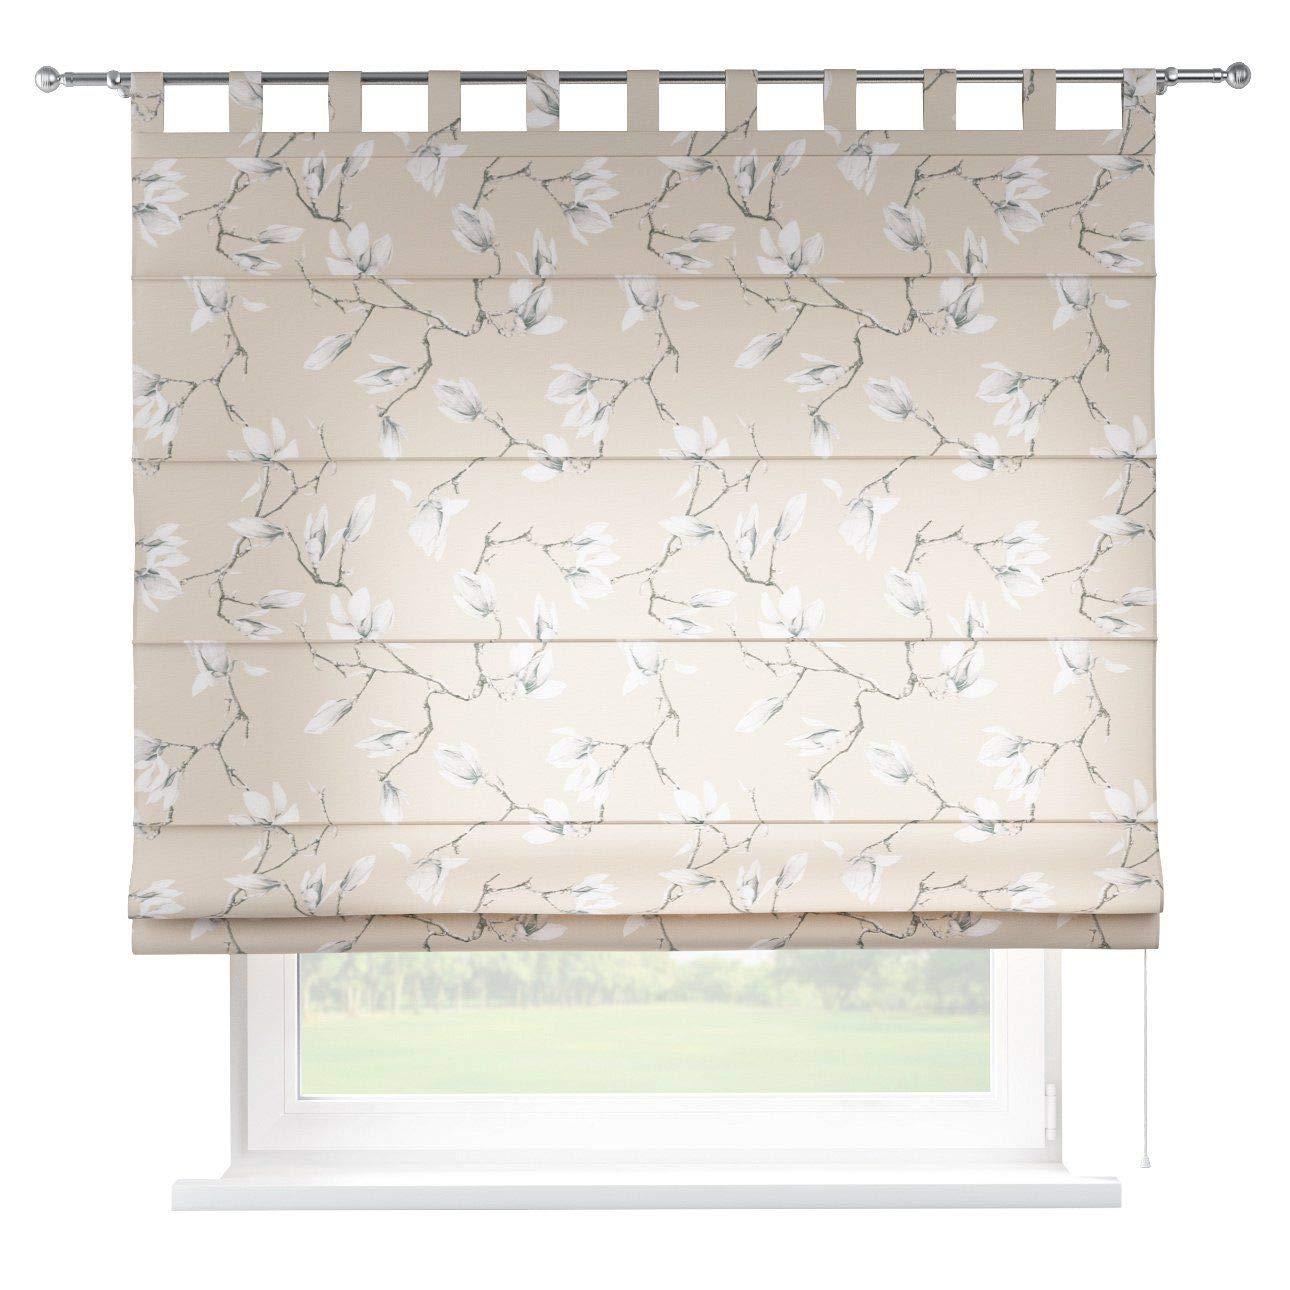 Dekoria Raffrollo Verona ohne Bohren Blickdicht Faltvorhang Raffgardine Wohnzimmer Schlafzimmer Kinderzimmer 160 × 170 cm grau- beige Raffrollos auf Maß maßanfertigung möglich